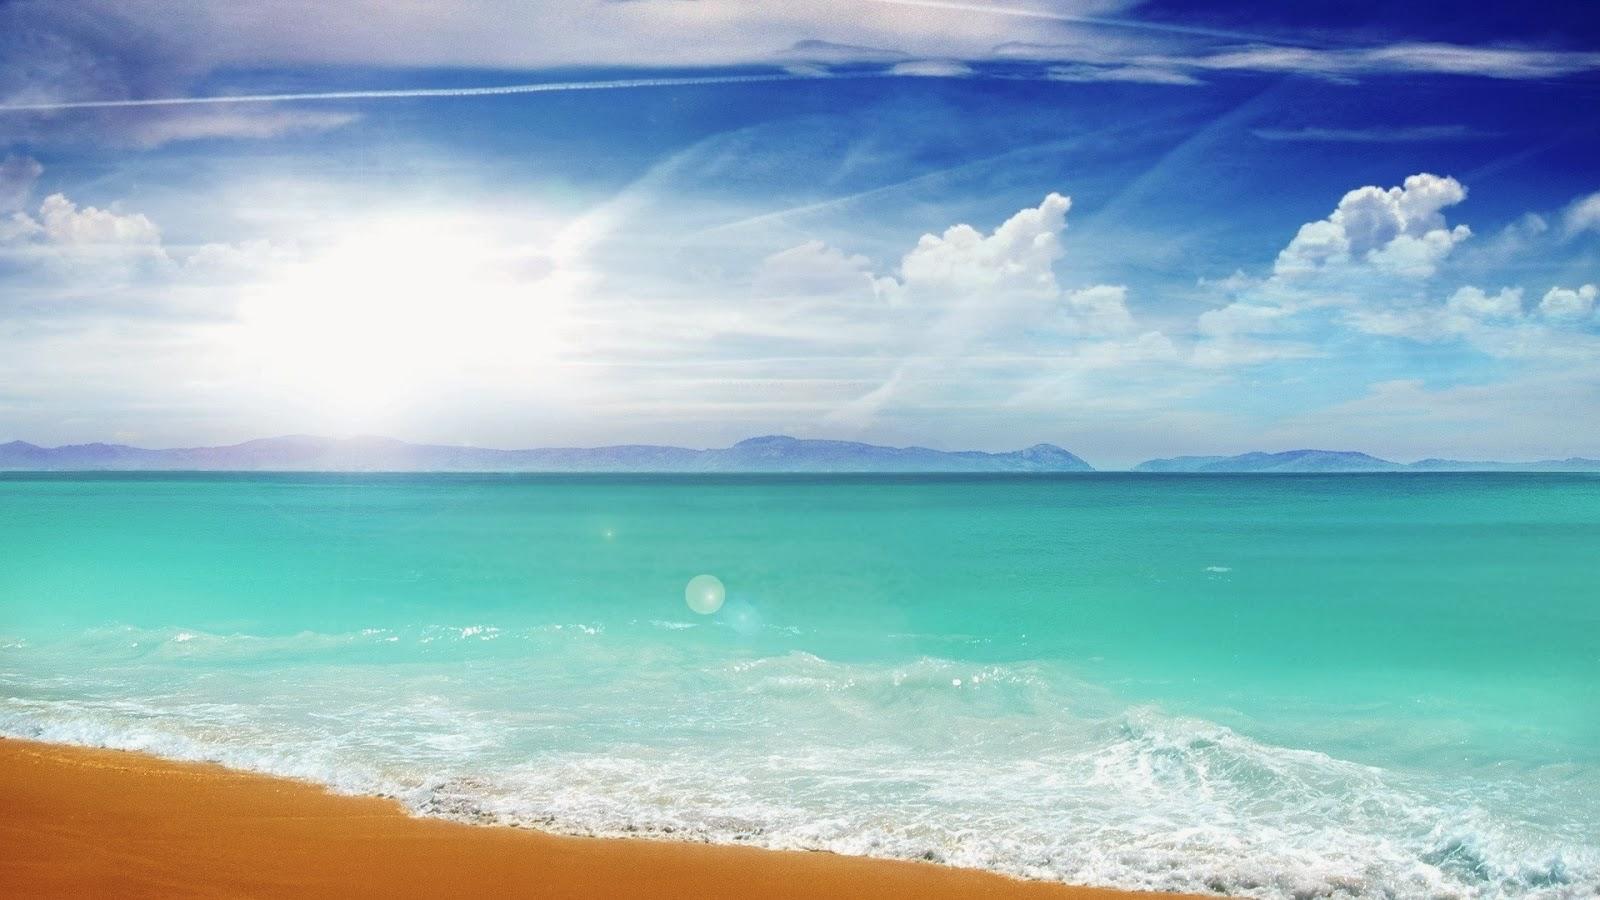 Nature Summer Beach Wallpaper